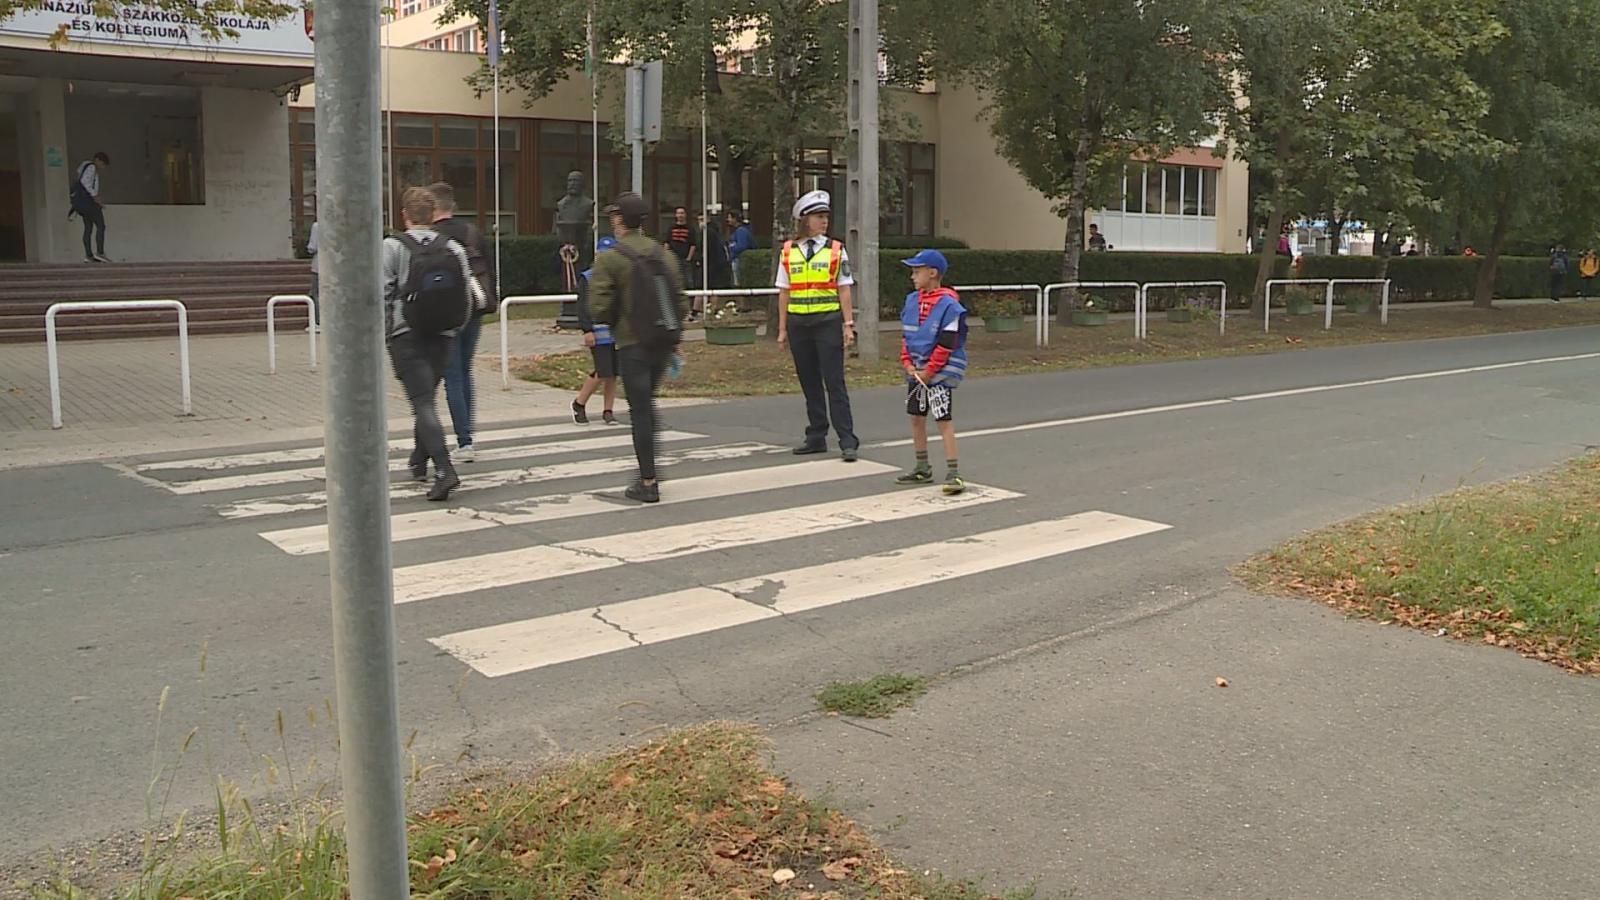 Szolgálatban a zebra zsaruk Békéscsabán a Dobozi út és a Dedinszky Gyula utca kereszteződésben a gyalogátkelőhelynél Fotó: Kugyelka Attila